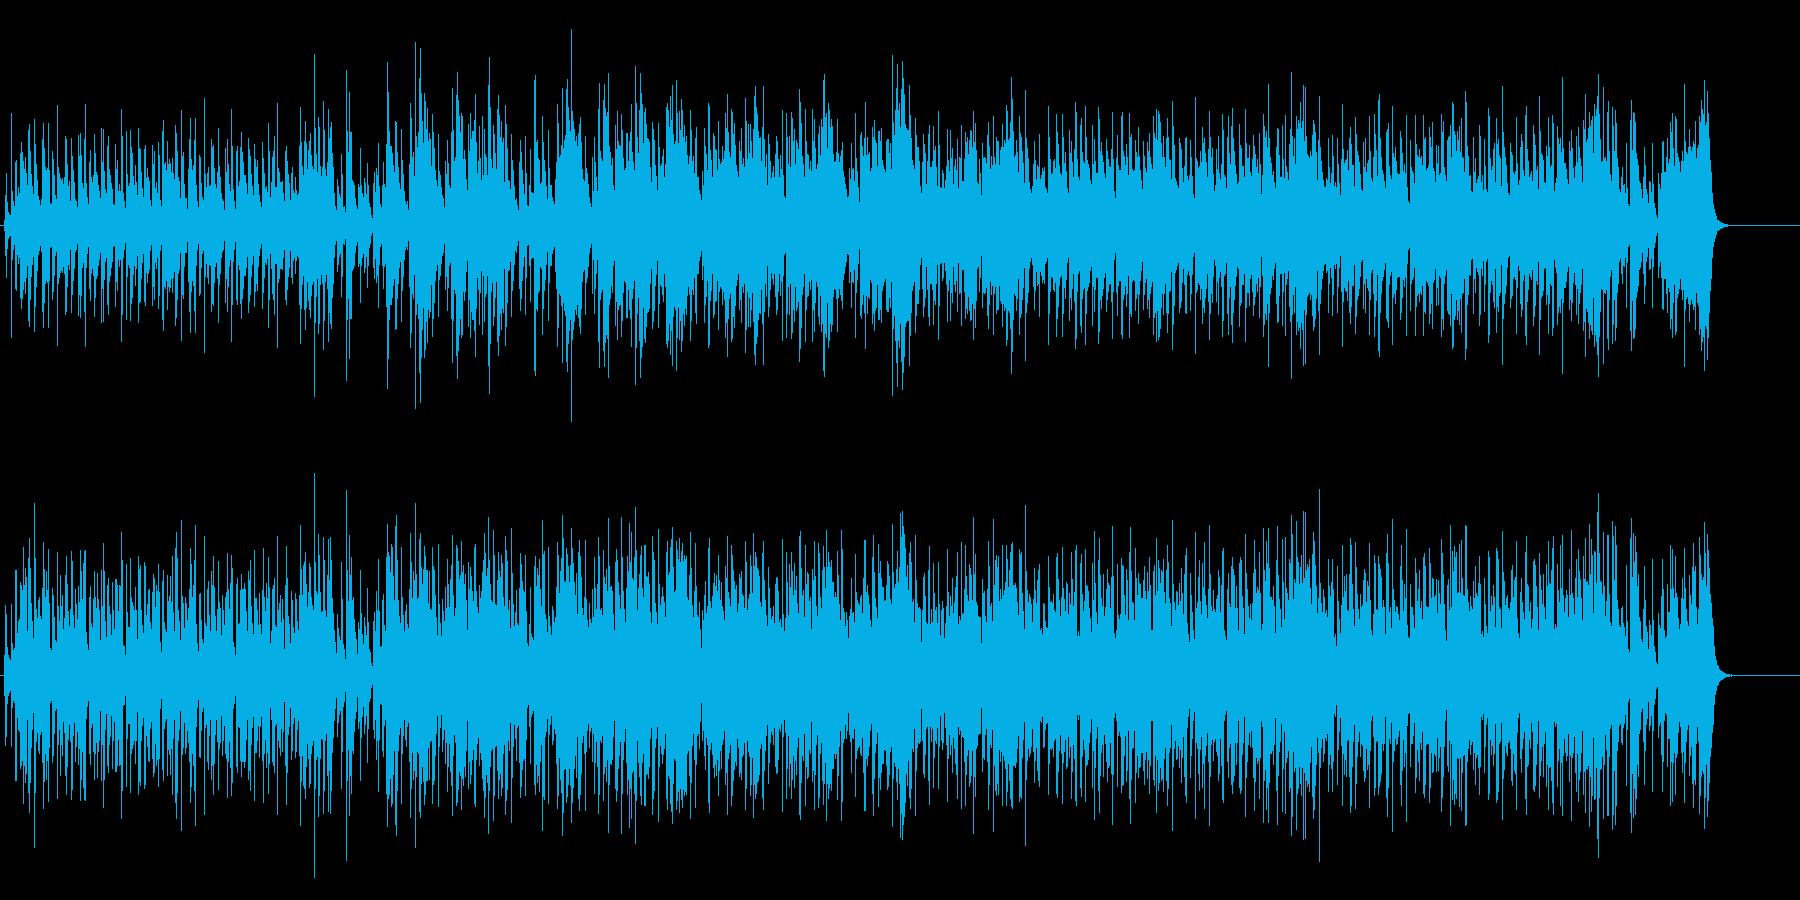 あっけらかんとしたポップなフュージョン風の再生済みの波形